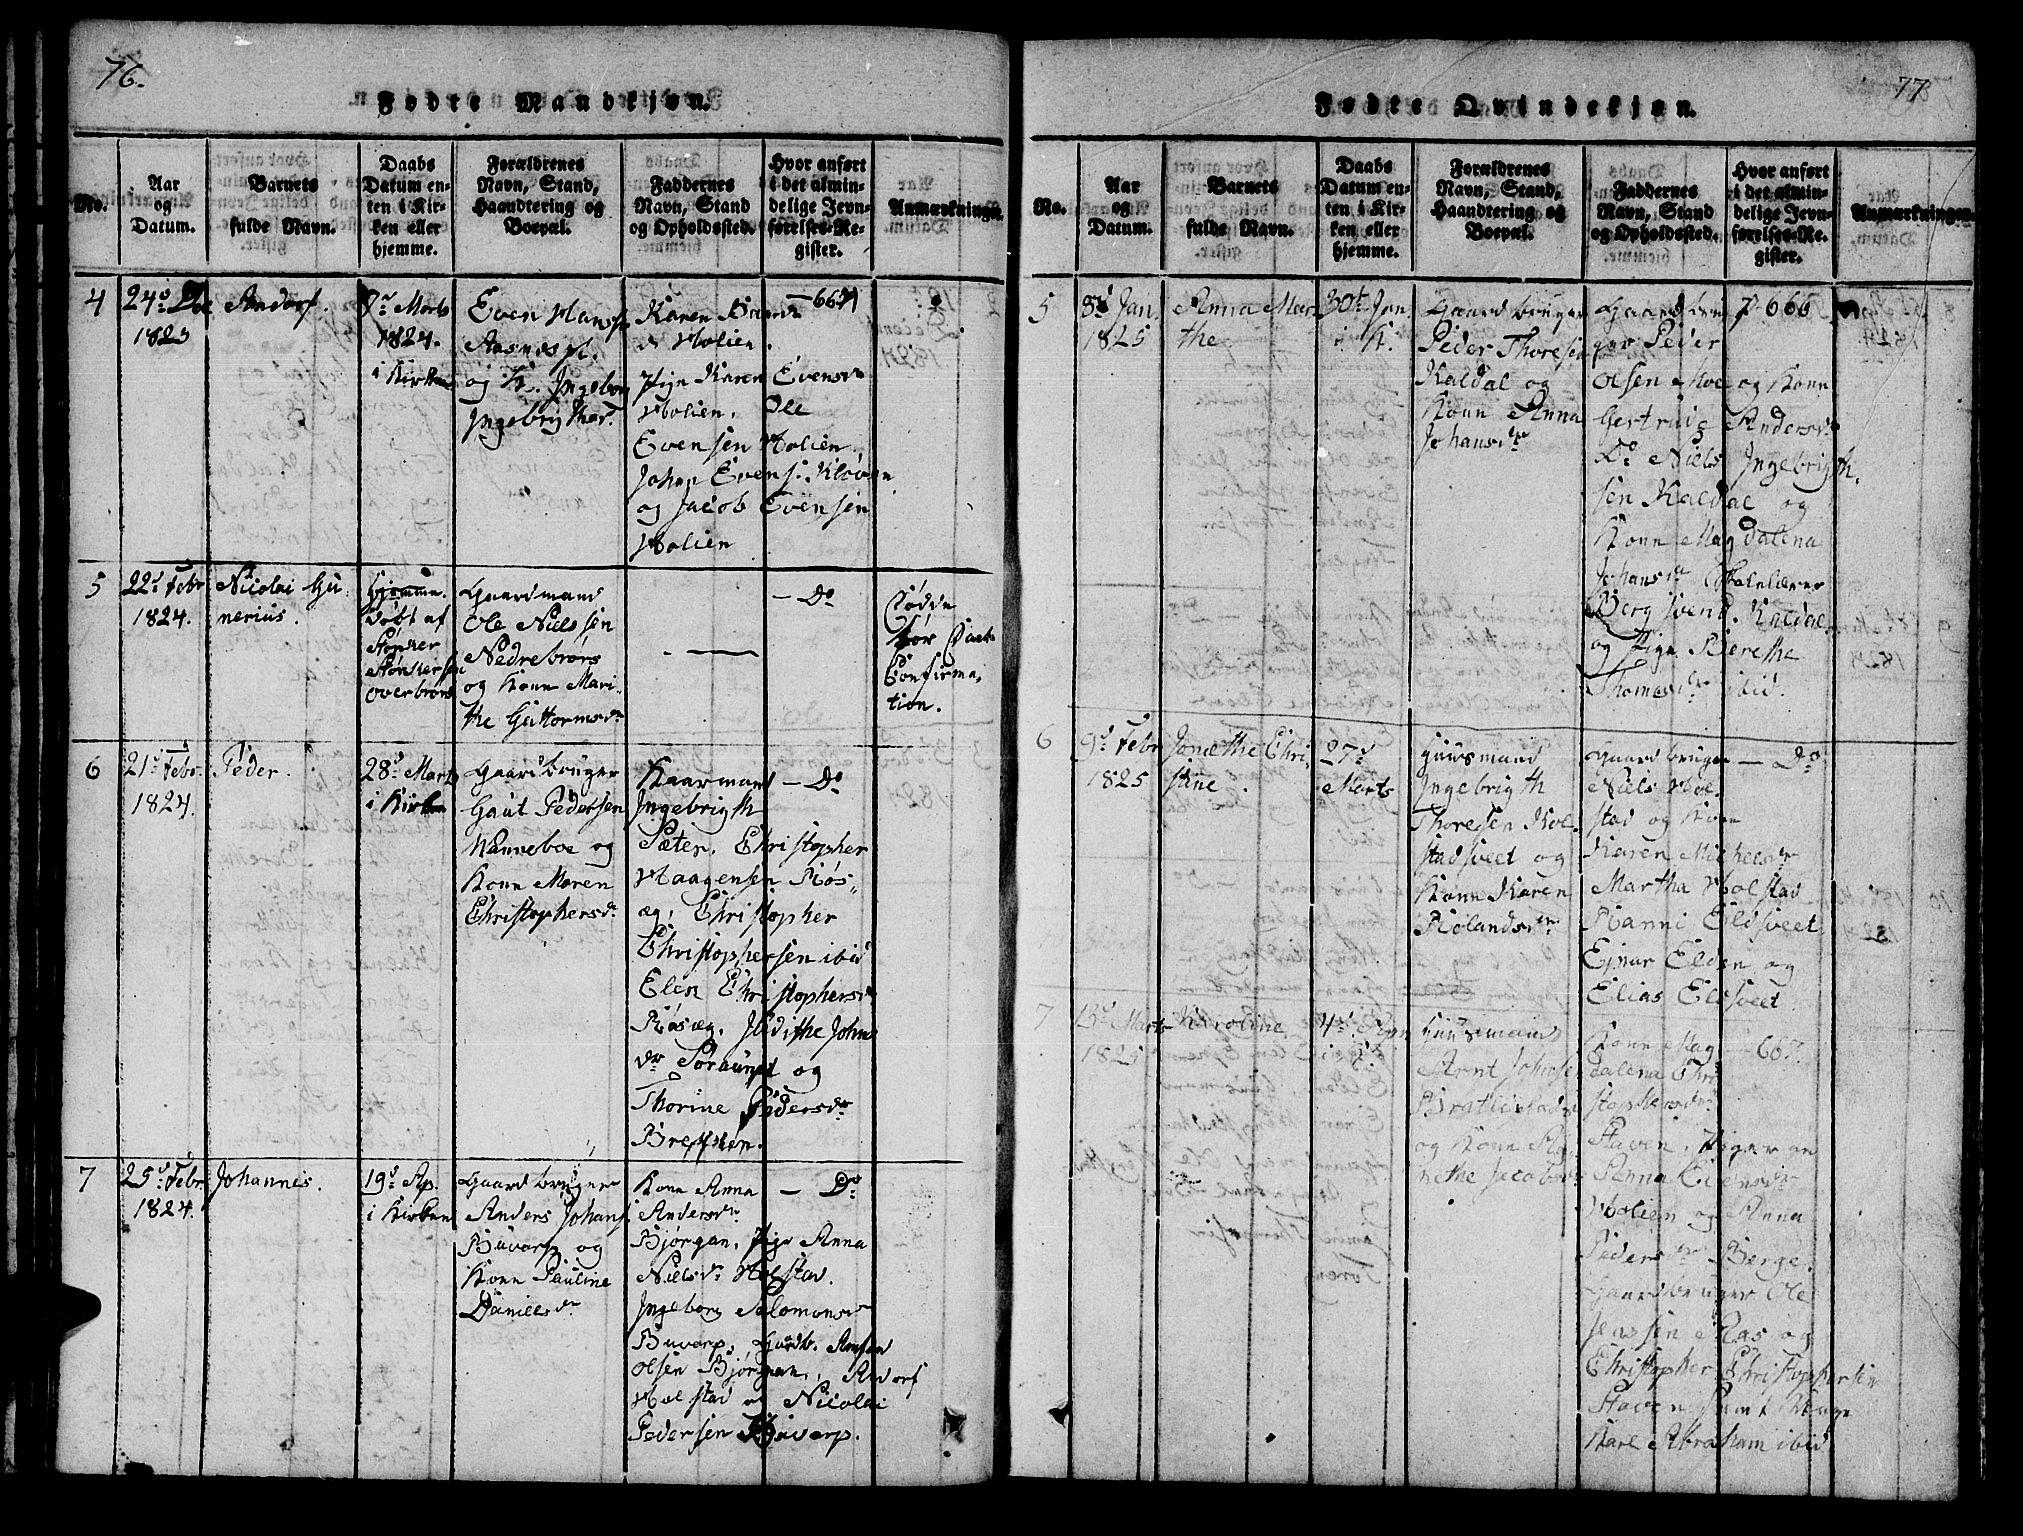 SAT, Ministerialprotokoller, klokkerbøker og fødselsregistre - Nord-Trøndelag, 742/L0411: Klokkerbok nr. 742C02, 1817-1825, s. 76-77